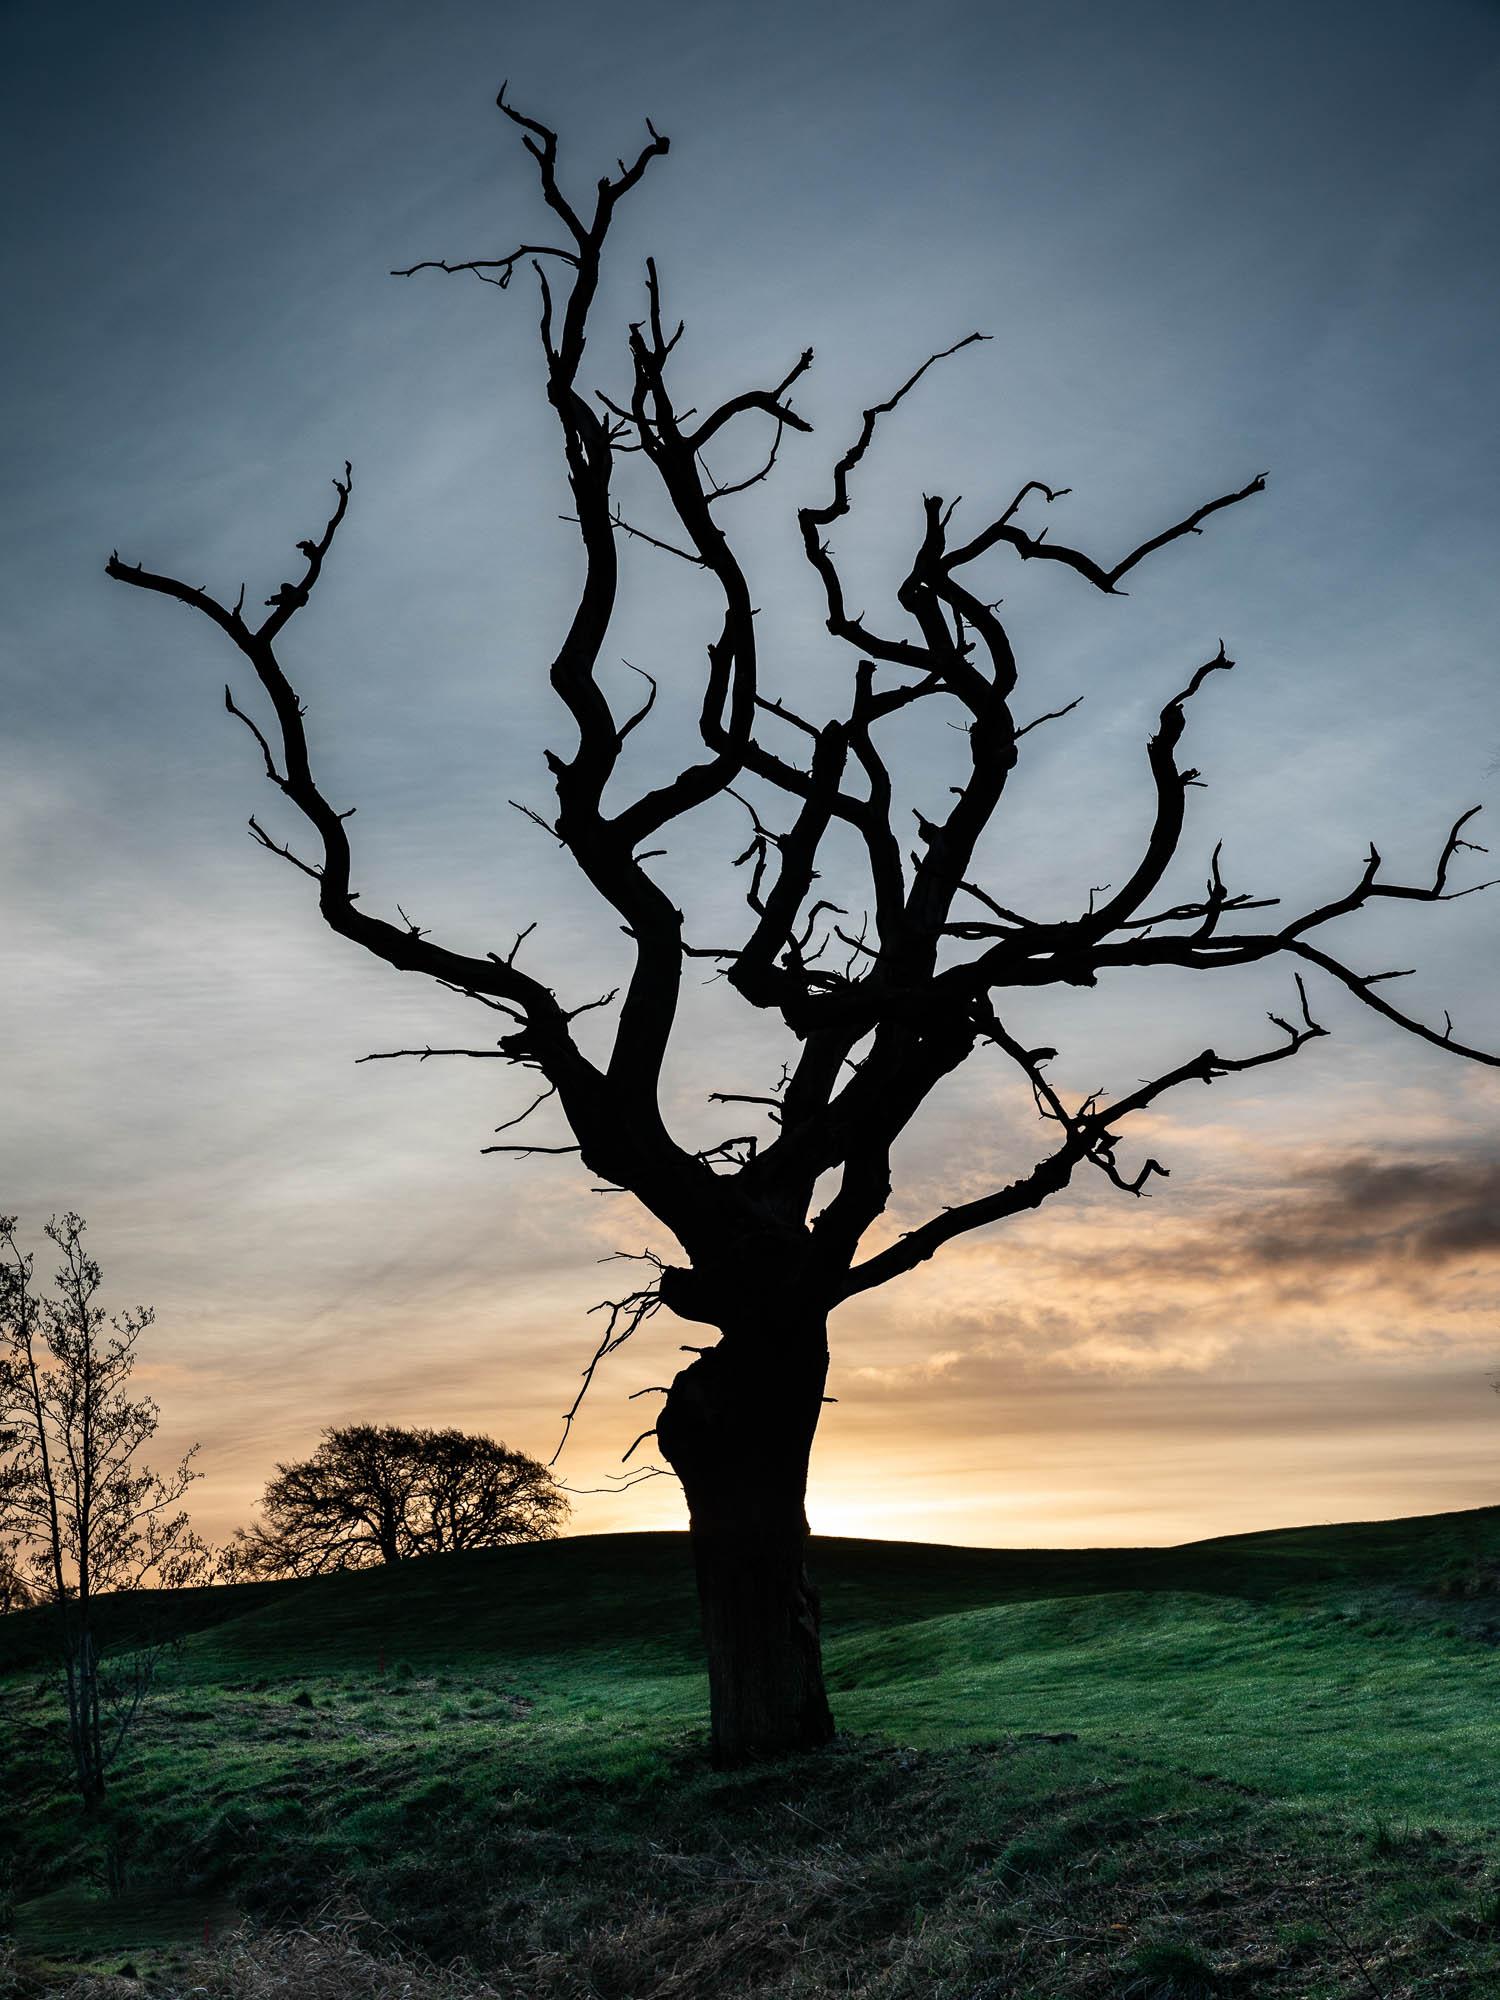 Glowing Tree Sharp-3105.jpg